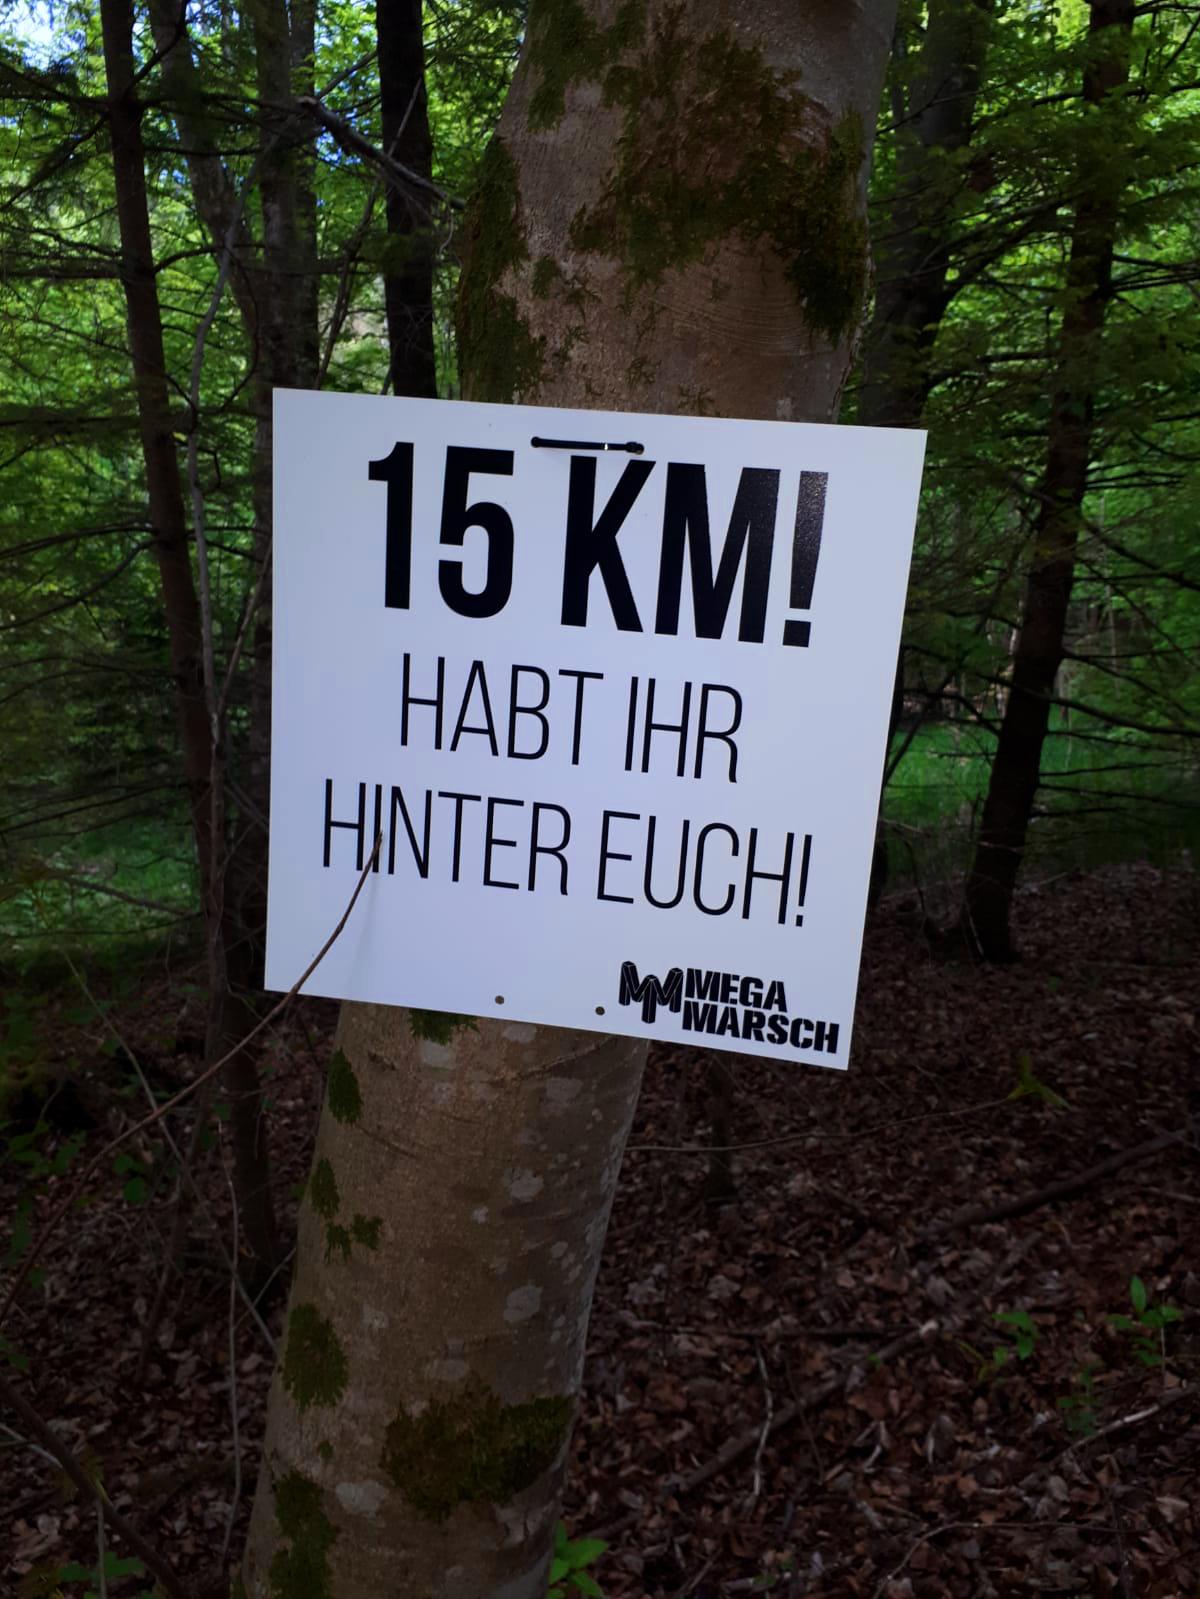 Schild mit 15km habt ihr geschafft